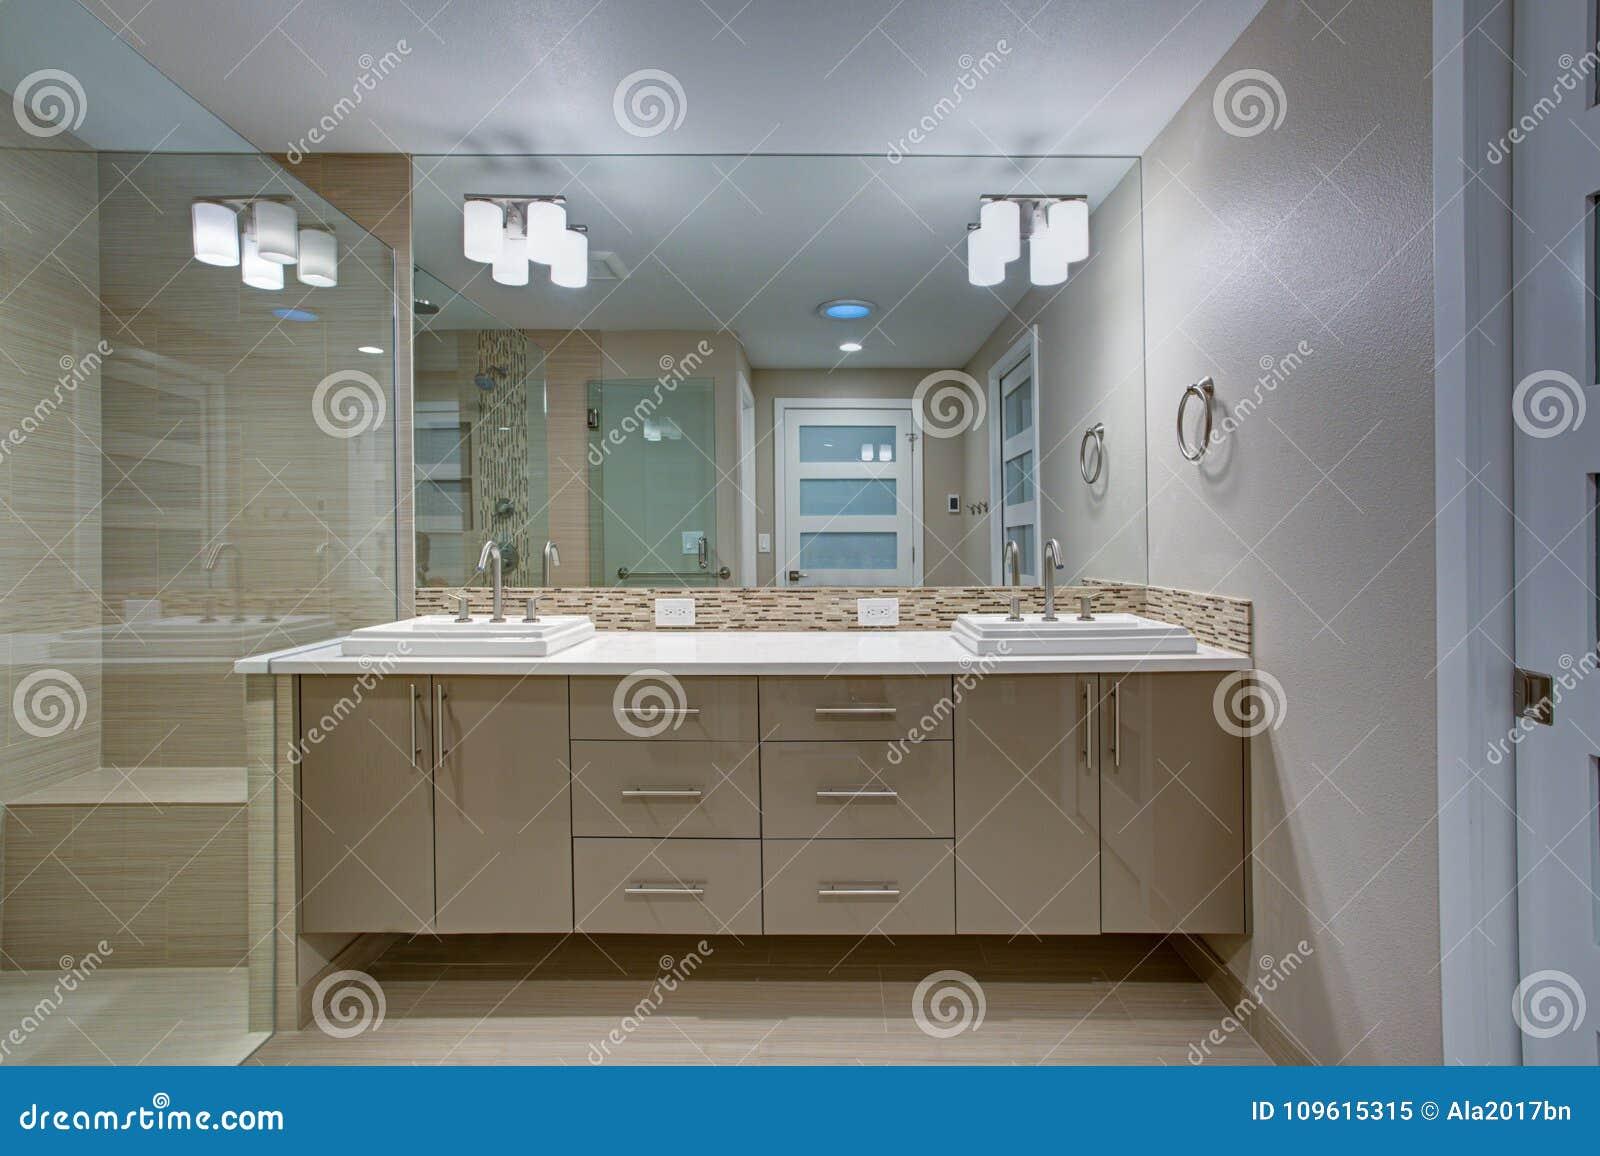 Modern refreshing bathroom with a beige dual washstand.